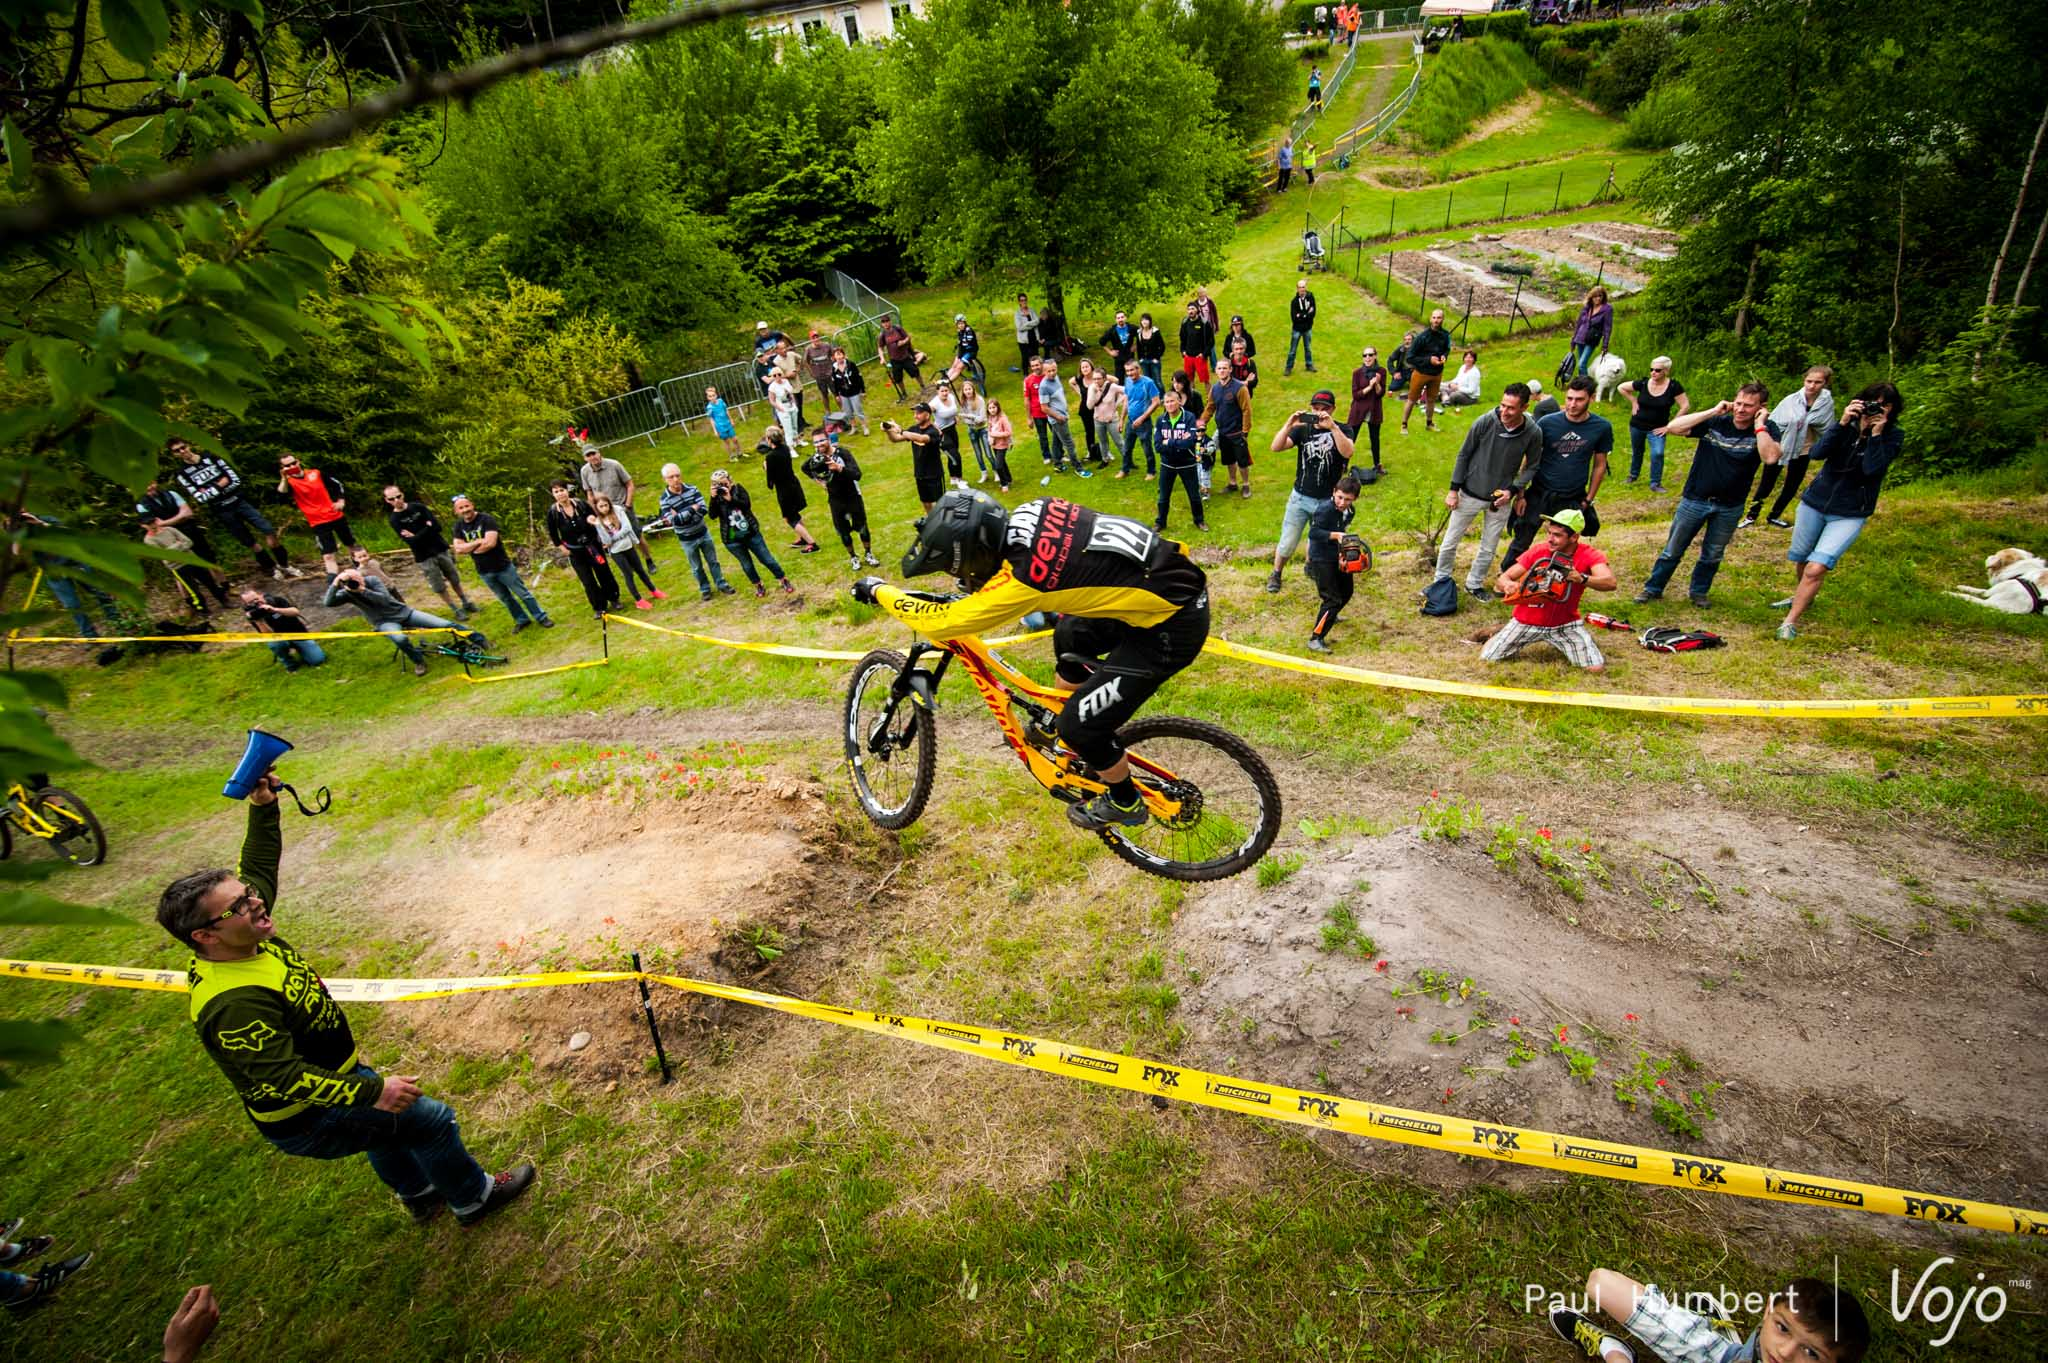 Raon-l-etape-vojo-2016-paul-humbert-81